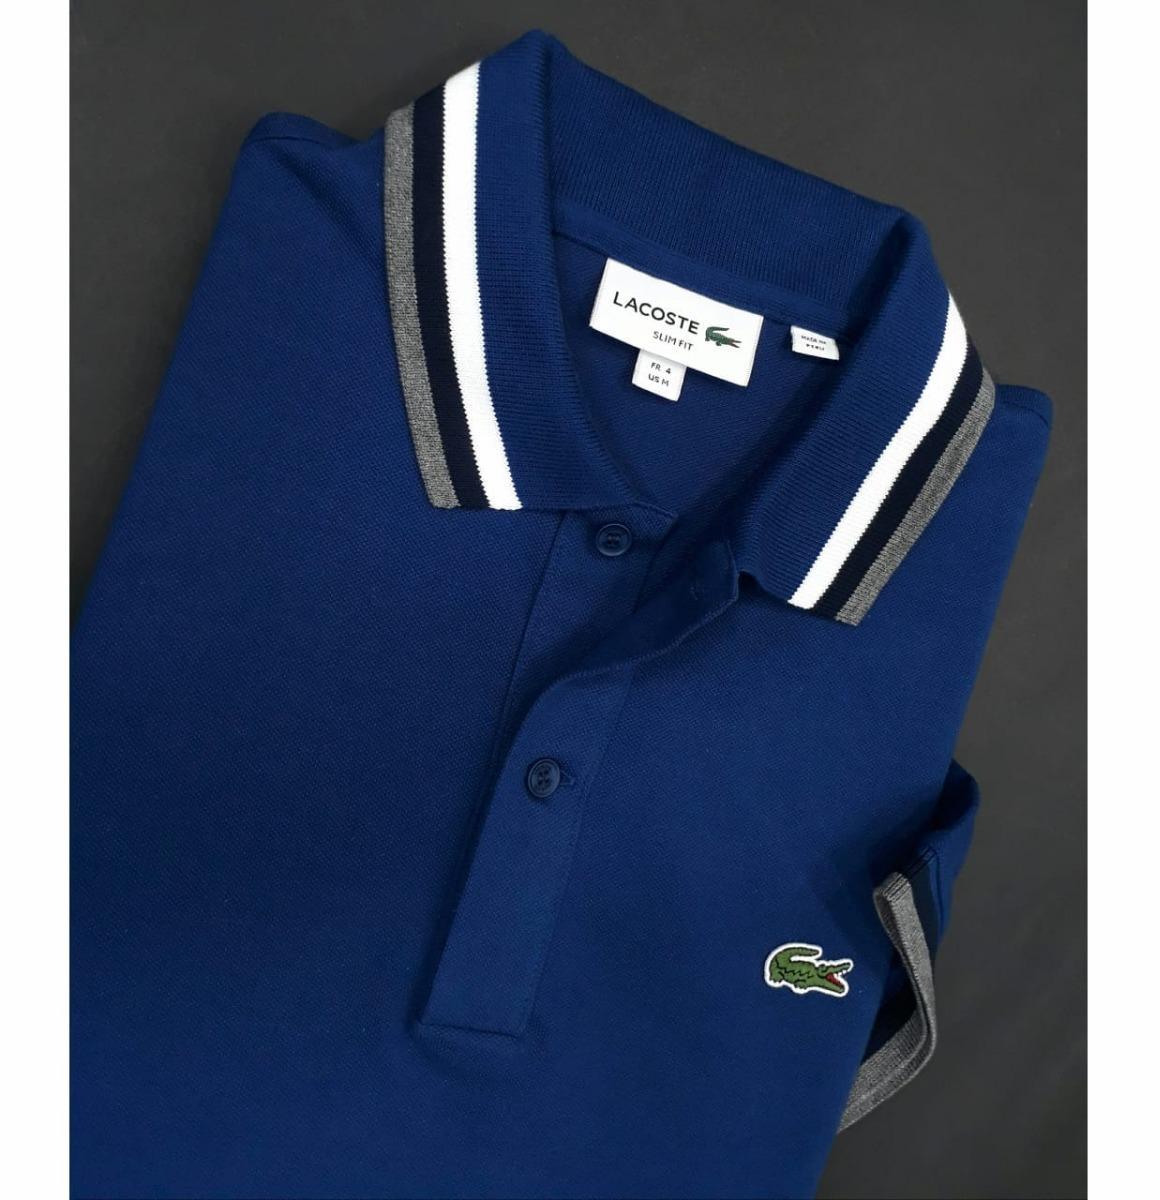 Camiseta Tipo Polo Lacoste Original -   195.000 en Mercado Libre ae2b5b25498cd